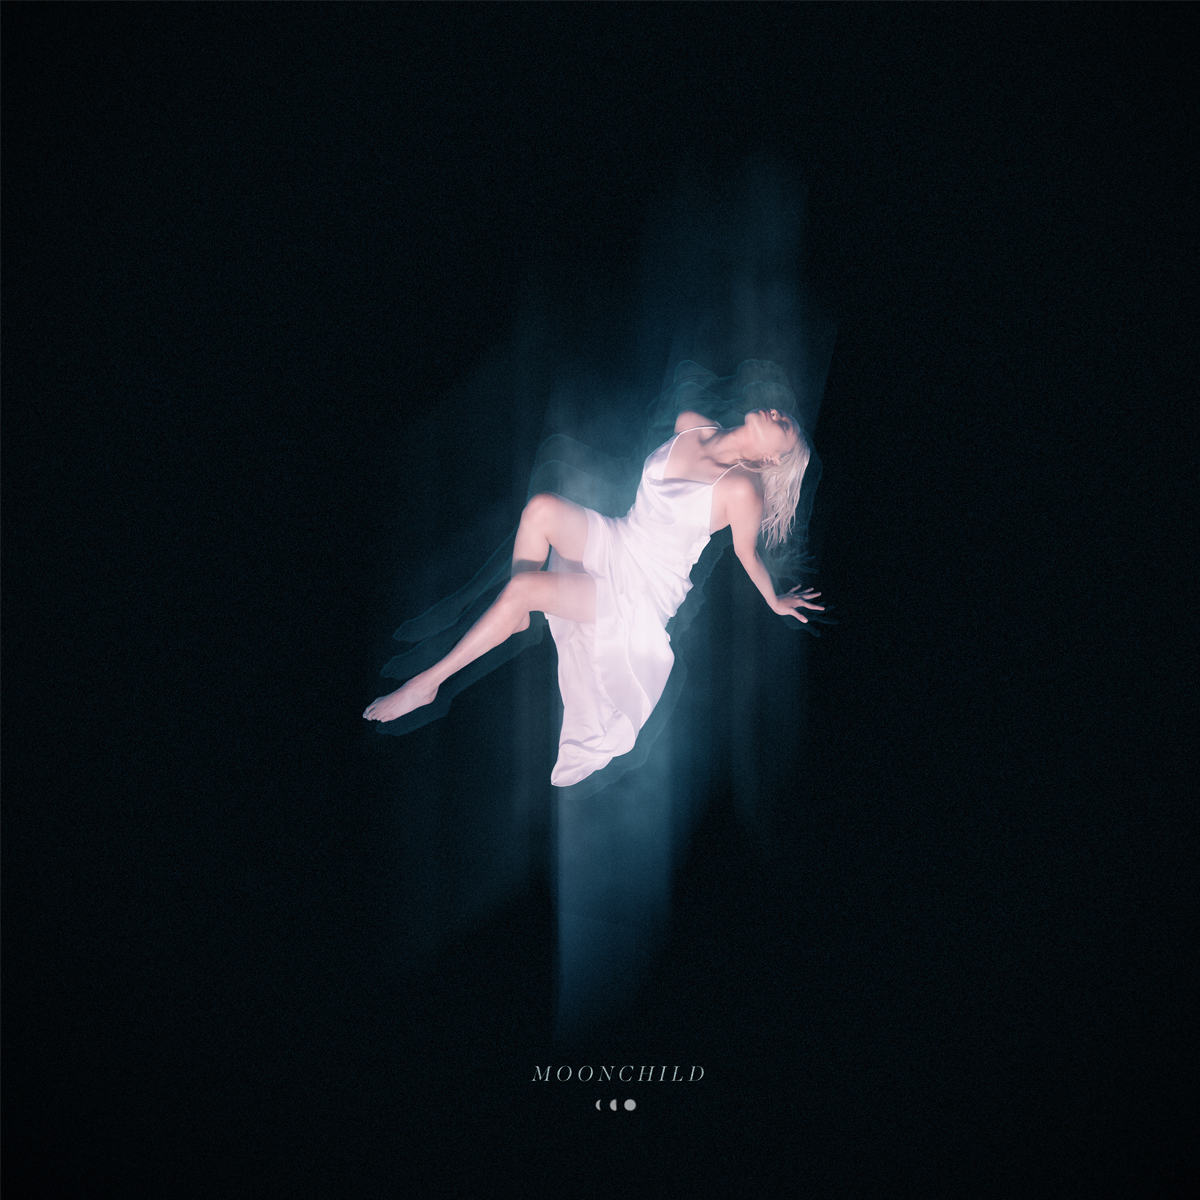 NIKI 88rising Moonchild debut album review